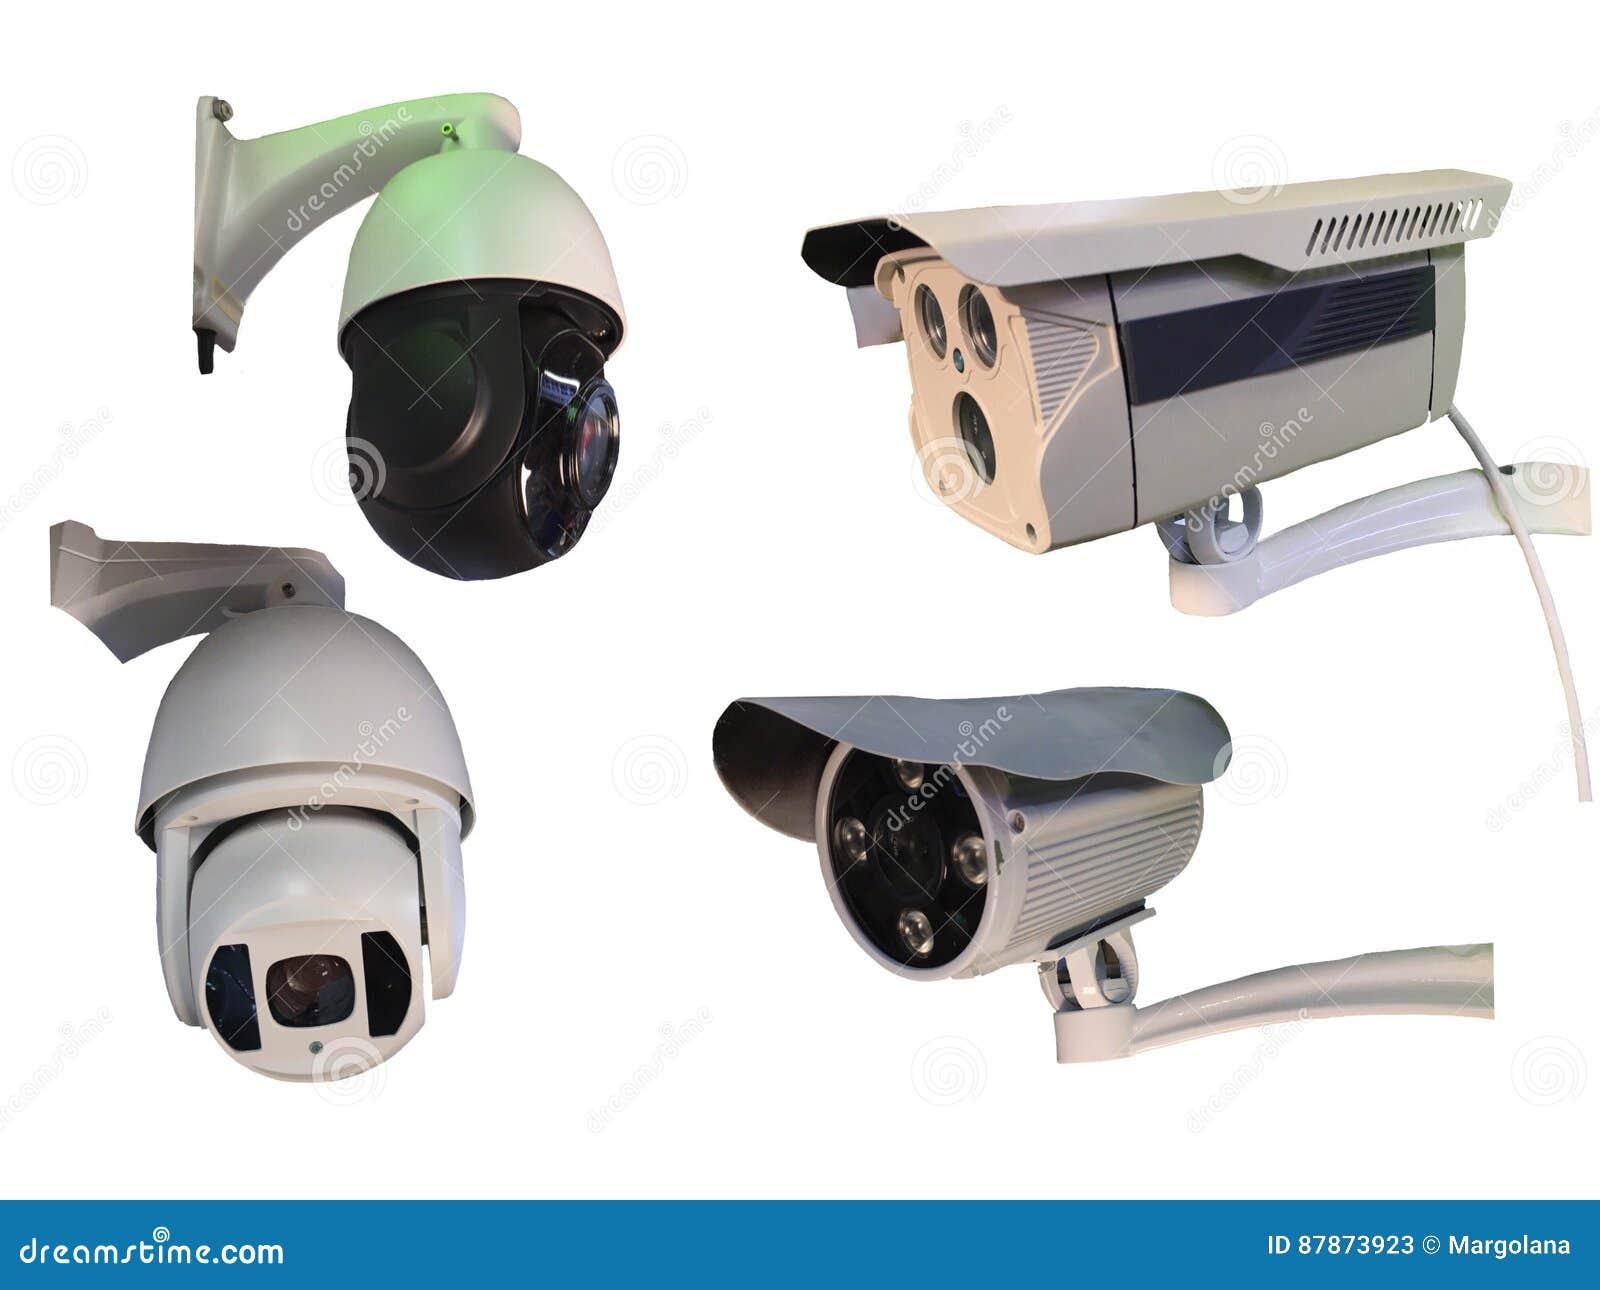 Plenerowa CCTV grupa monitorowanie, kamery bezpieczeństwa odizolowywać dalej